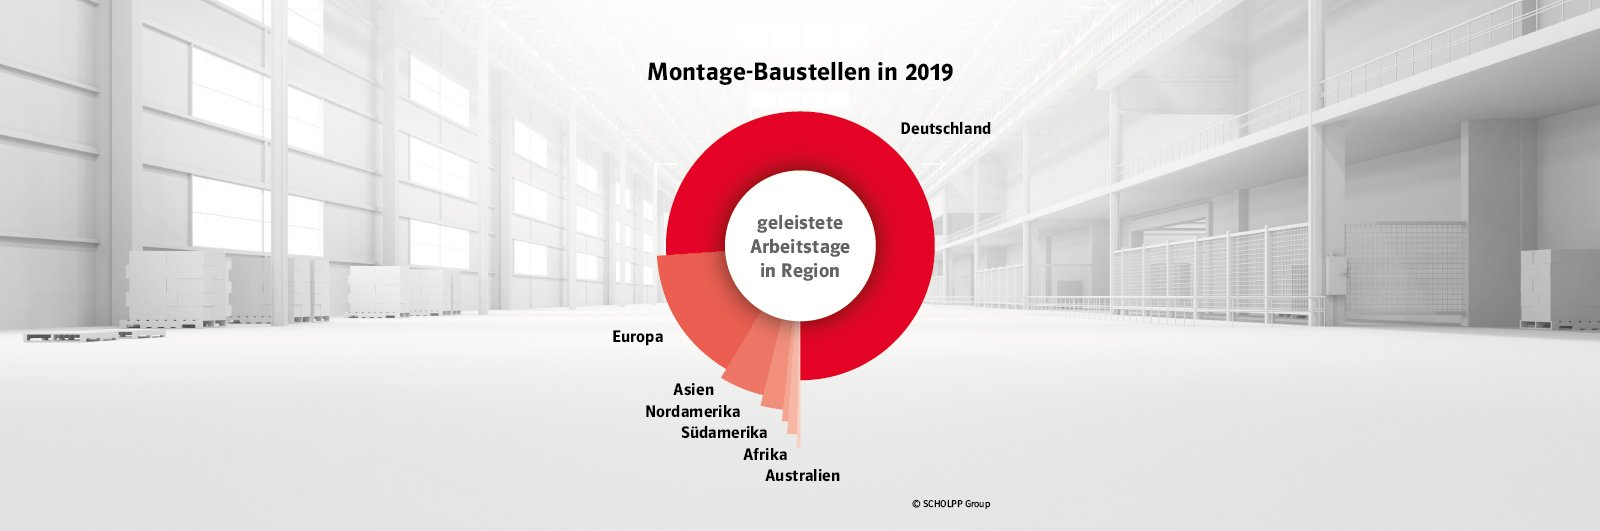 Infografik: Scholpp Baustellen im Jahr 2019